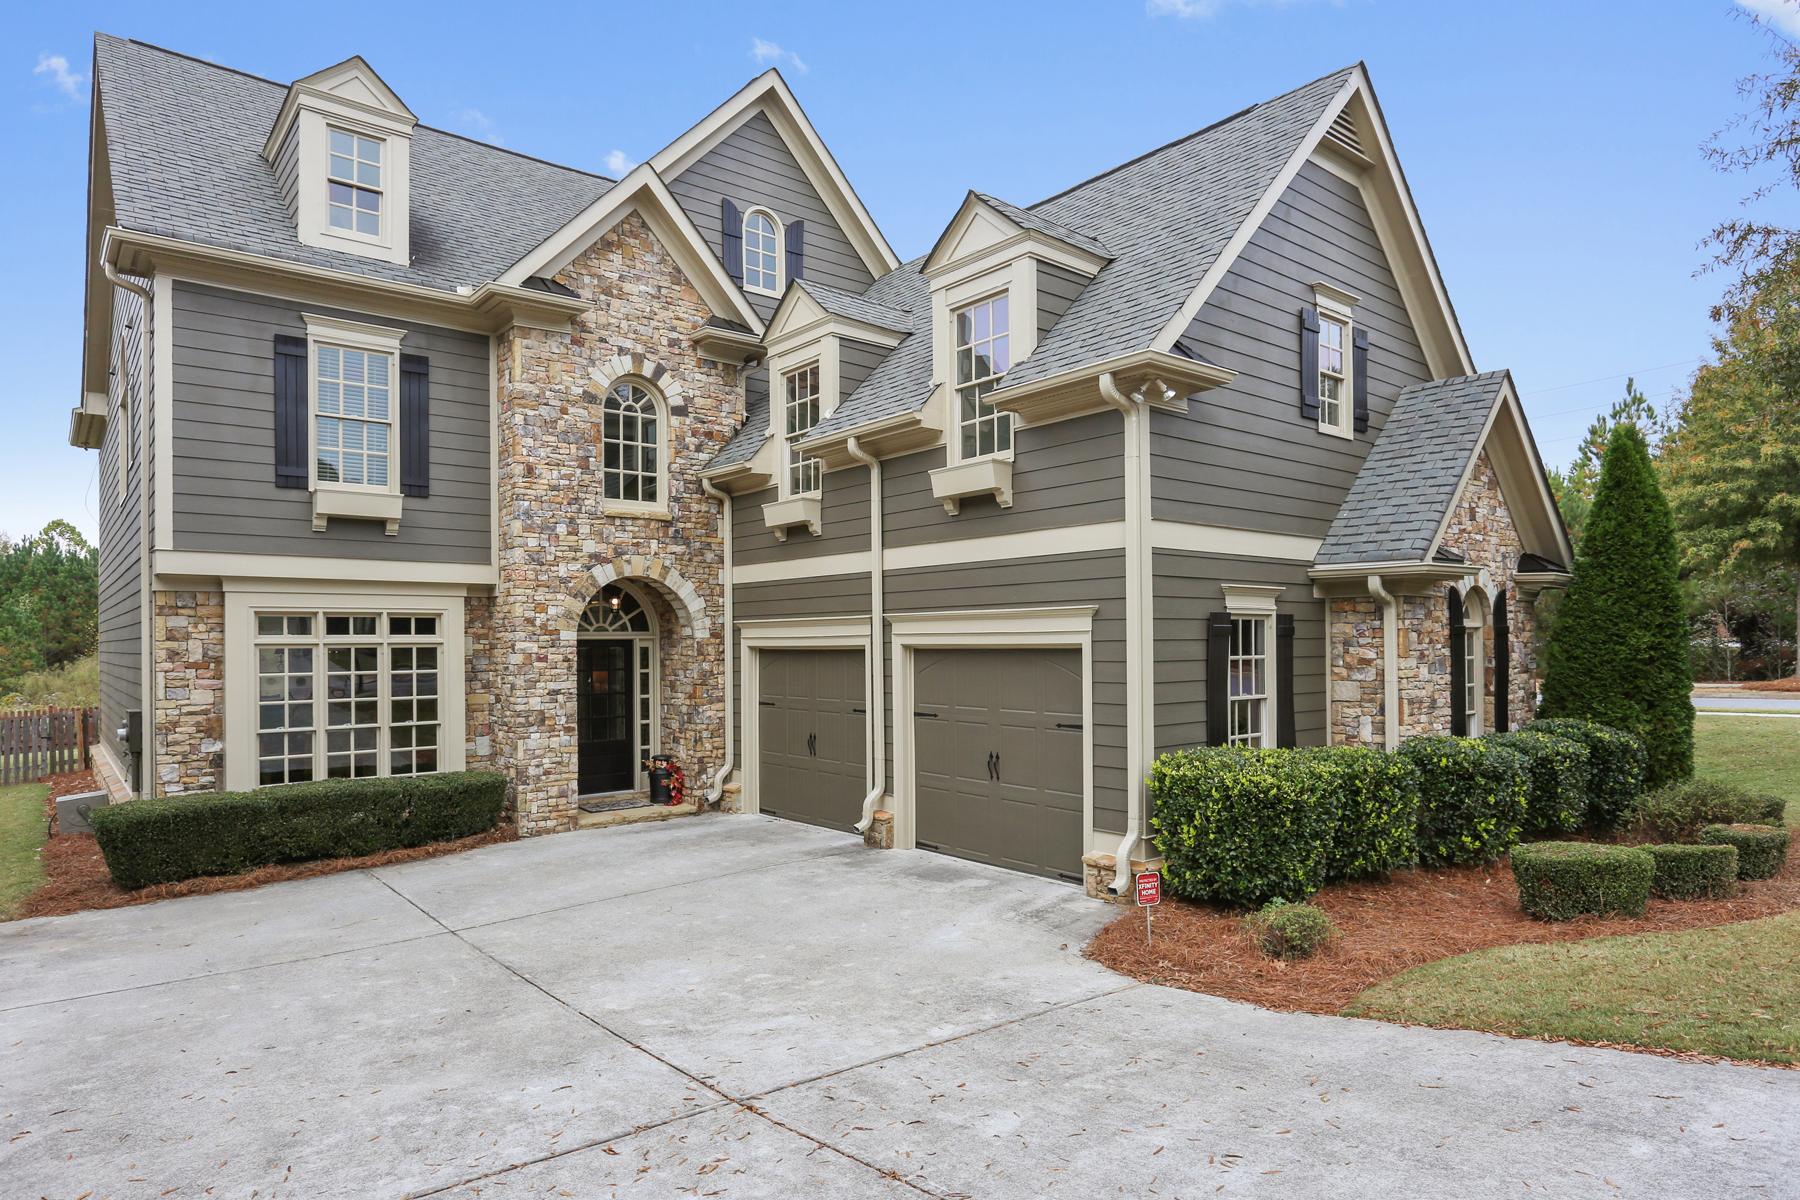 一戸建て のために 売買 アット 4046 Hill House Road 4046 Hill House Rd Smyrna, ジョージア, 30082 アメリカ合衆国